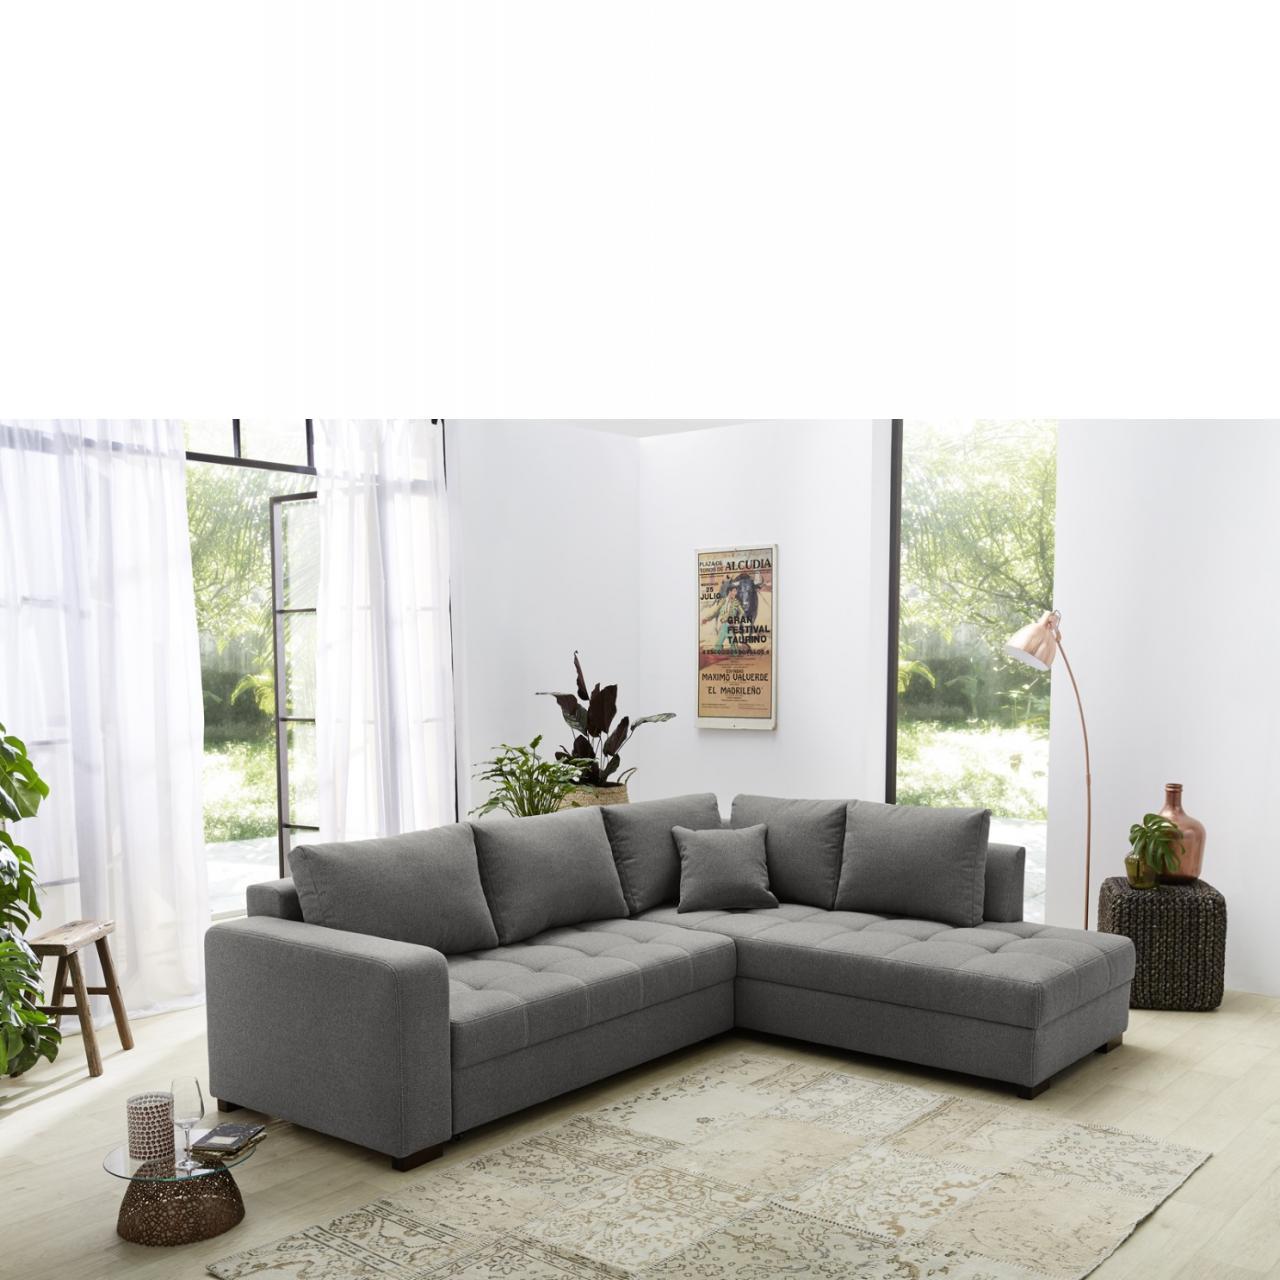 wohnlandschaft aura grau l form mit kopfst tze m bel j hnichen center gmbh. Black Bedroom Furniture Sets. Home Design Ideas